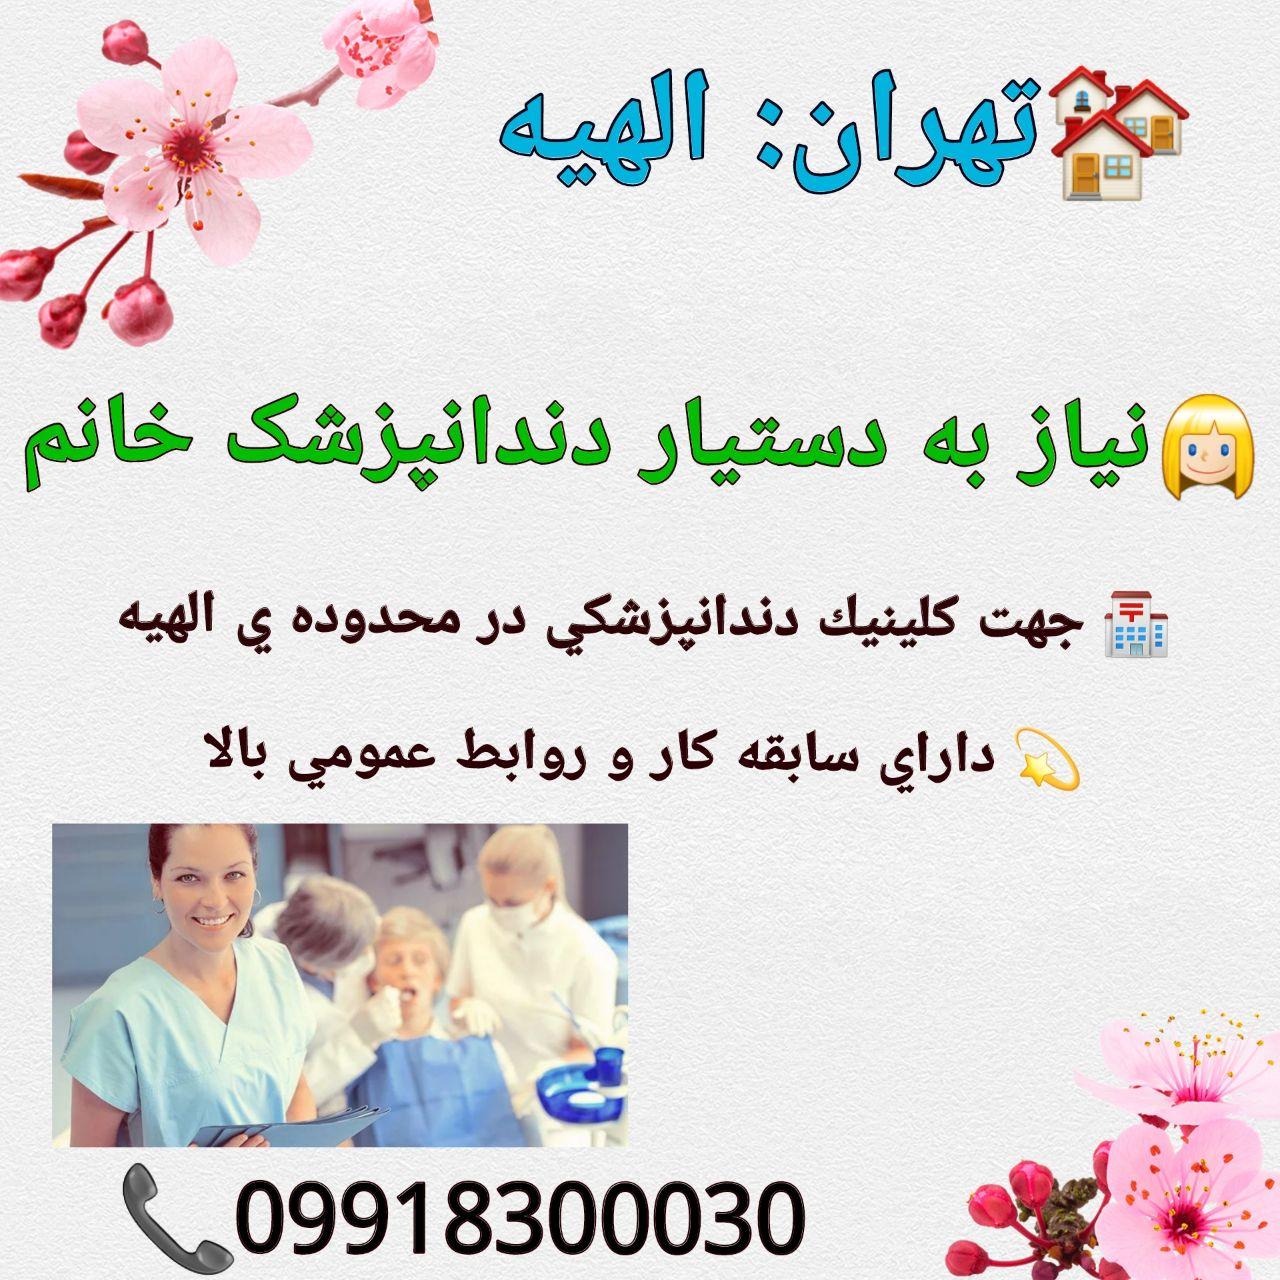 تهران: الهیه، نیاز به دستیار دندانپزشک خانم